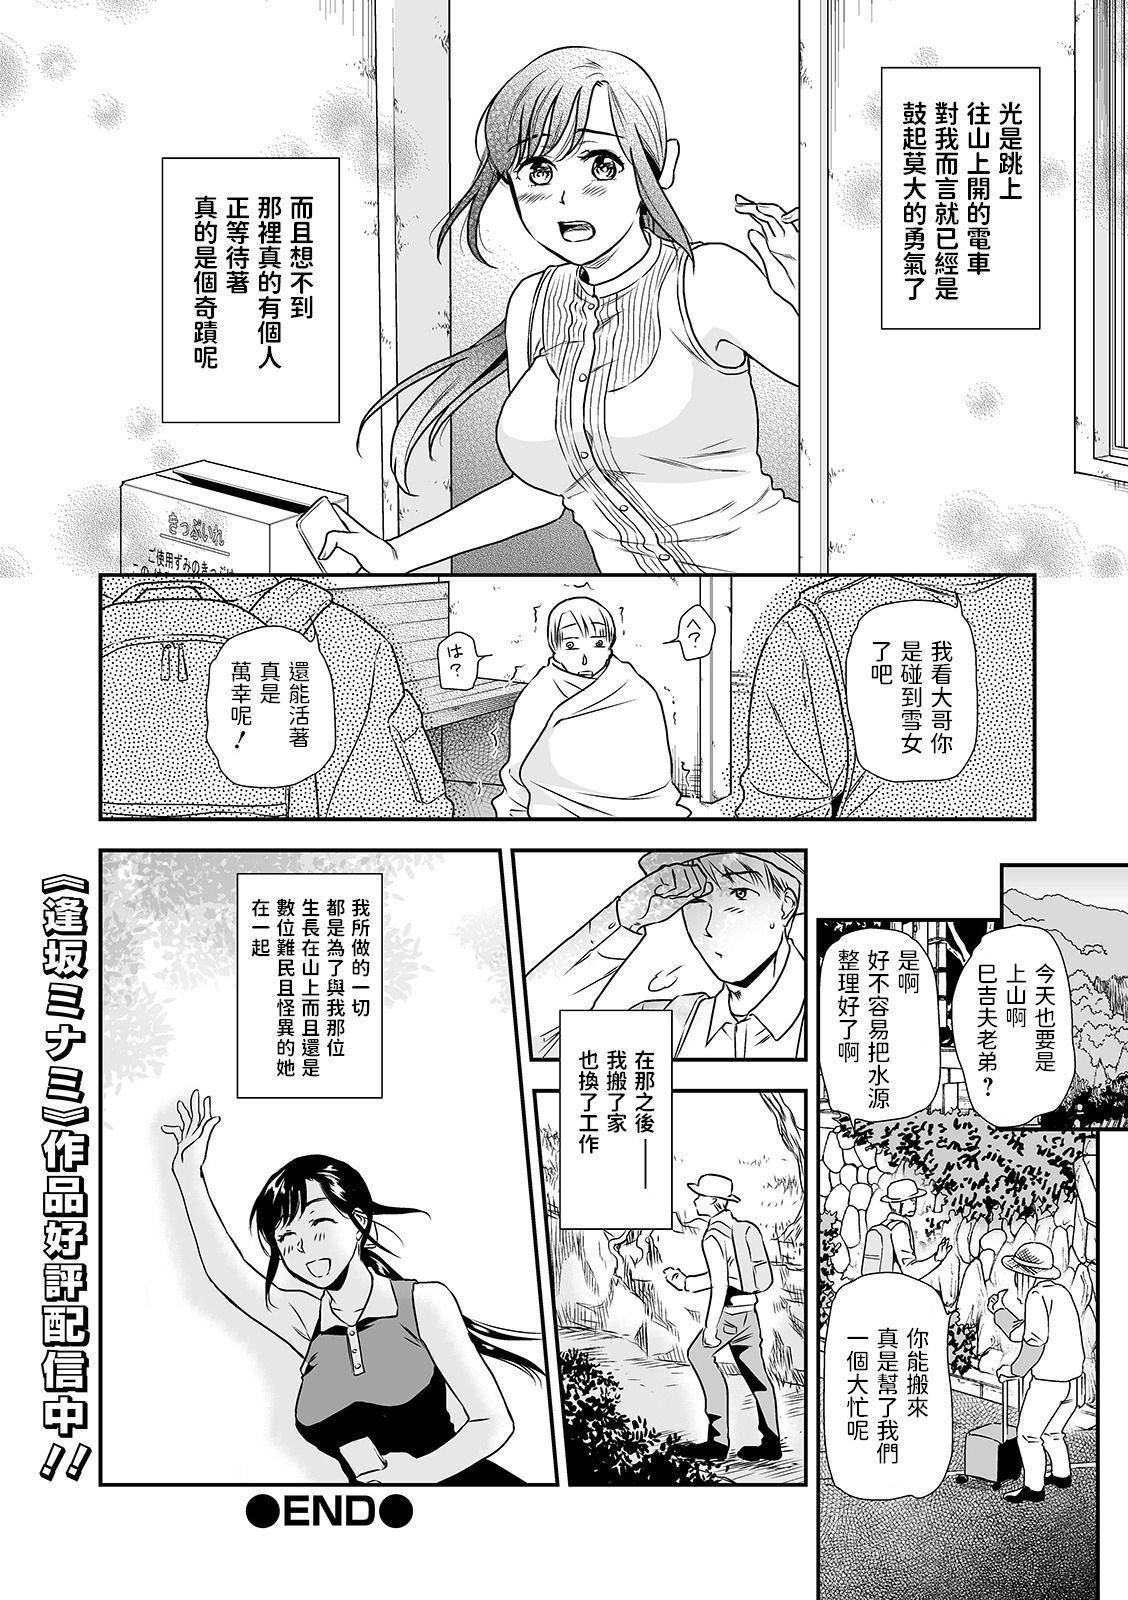 [逢坂ミナミ] 出会って4時間合体! 〜無人駅でマッチング〜 (コミック刺激的SQUIRT!! Vol.24) 中文翻譯 17